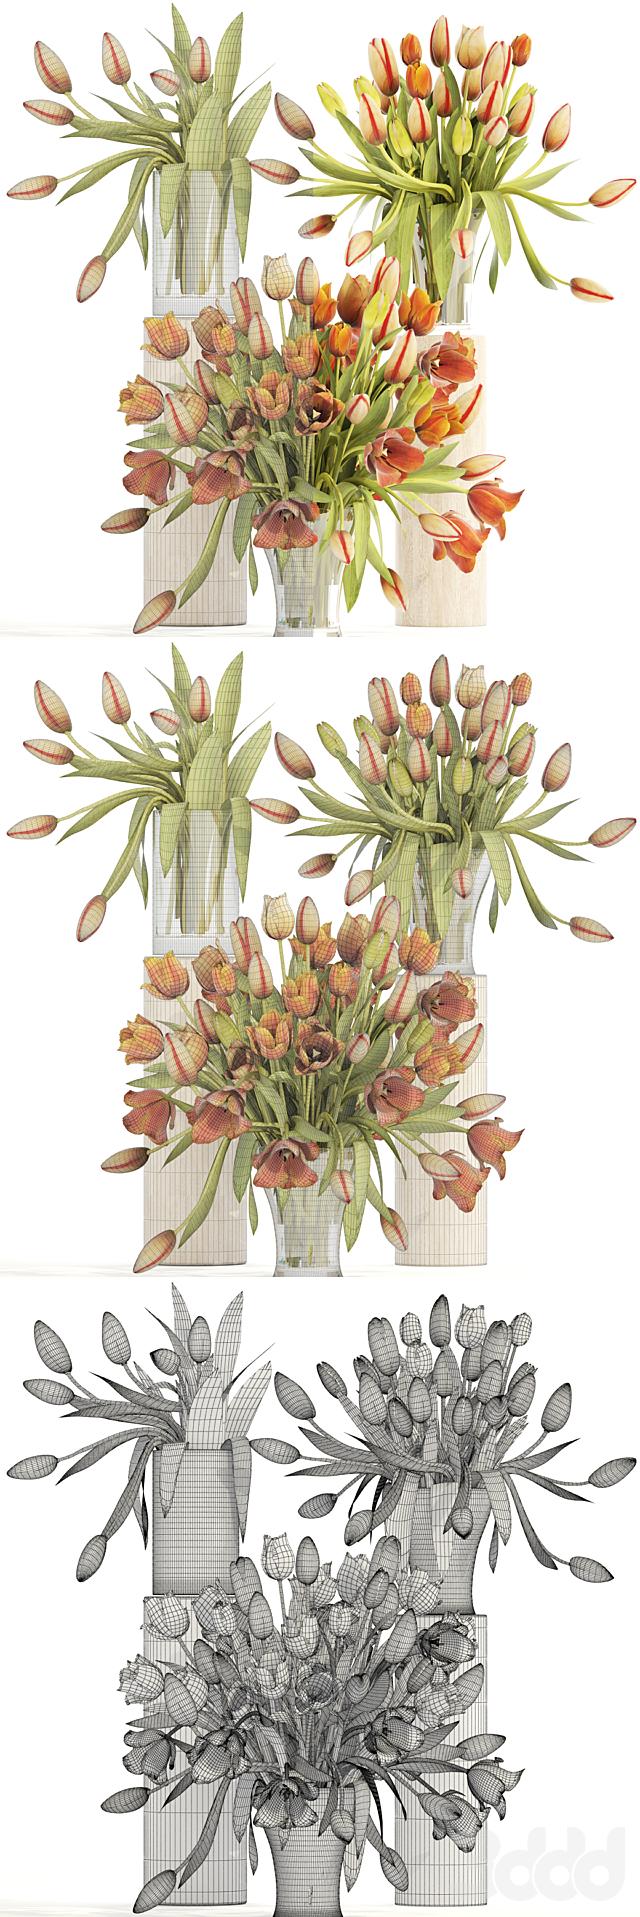 Коллекция цветов 4. Тюльпаны.